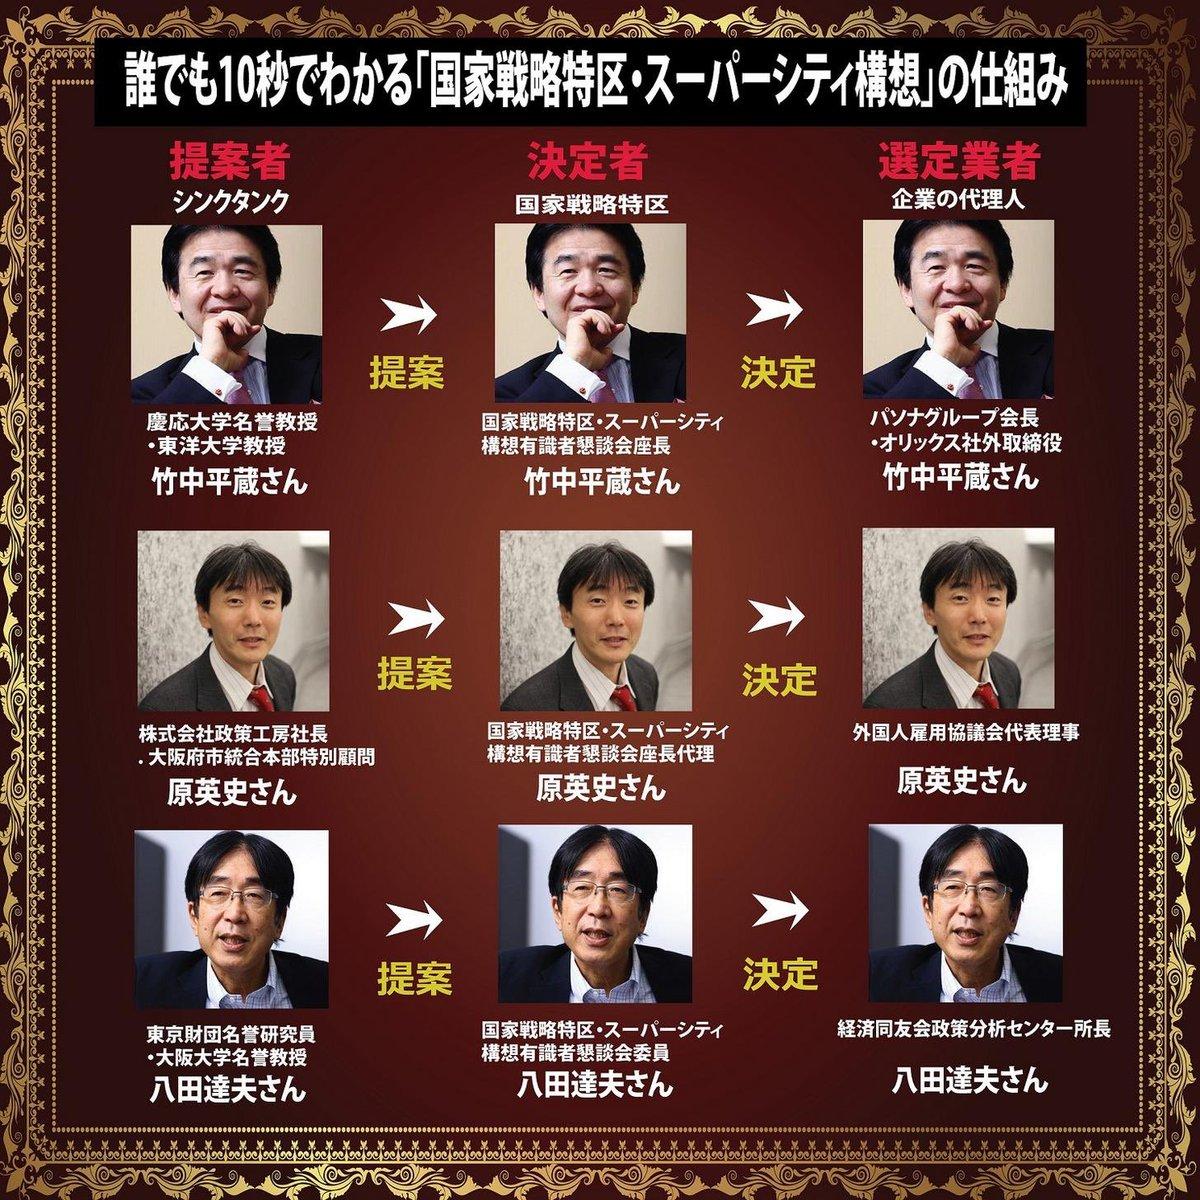 チャンネル 永田町 恐怖